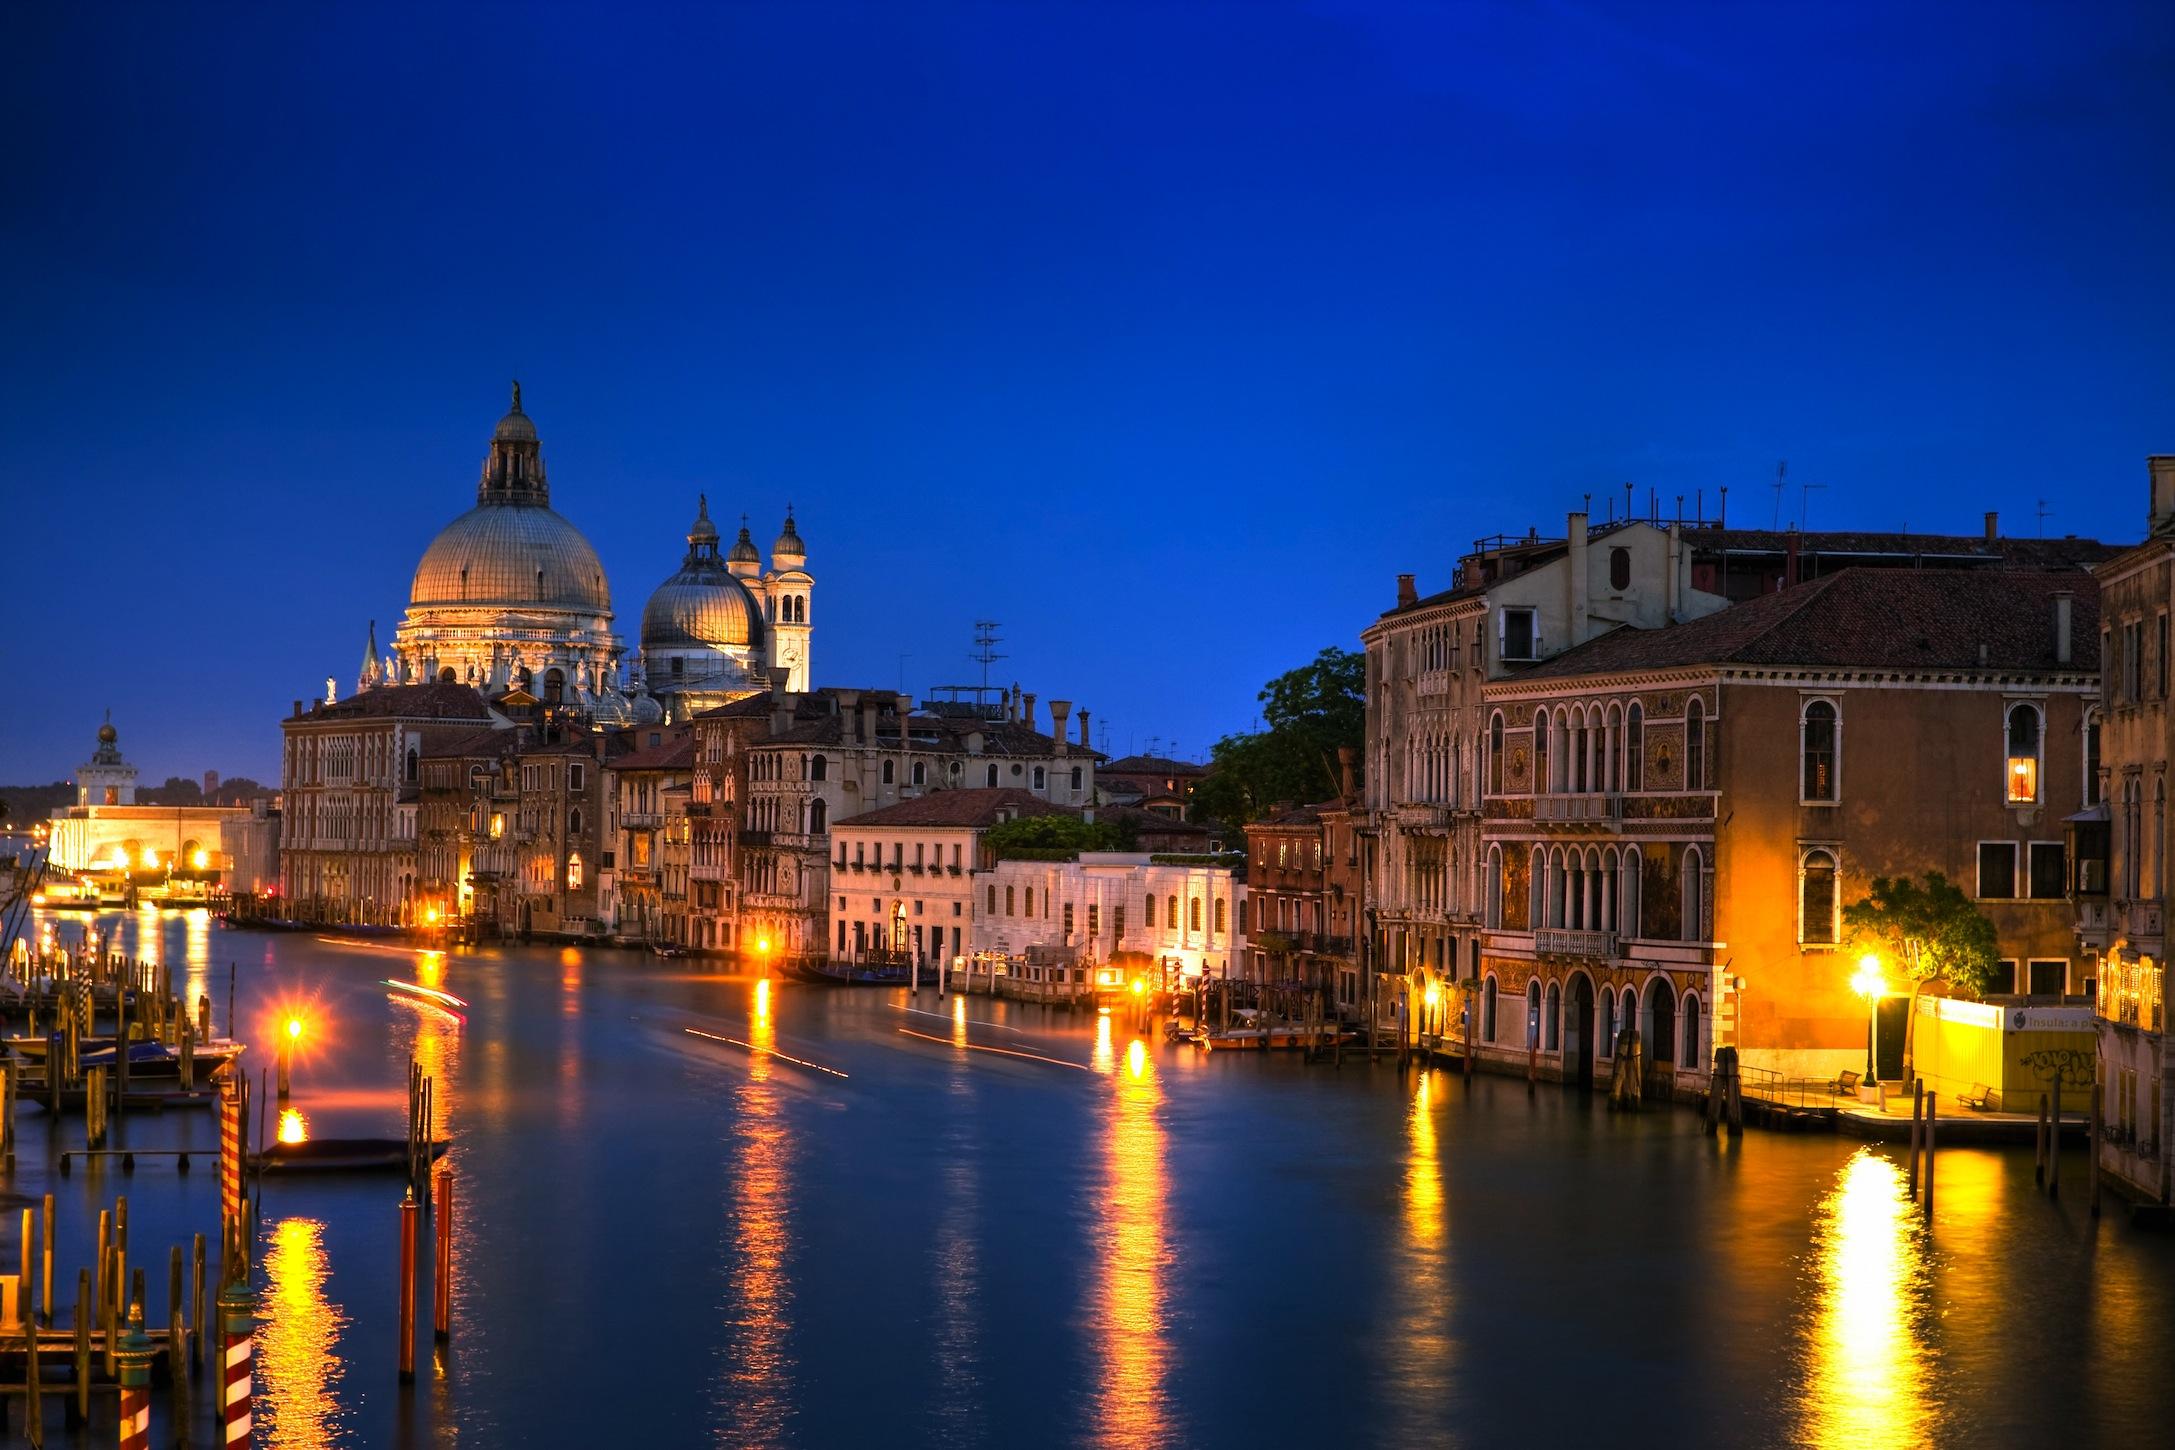 Nuit à Venise papiers peints photo 3D